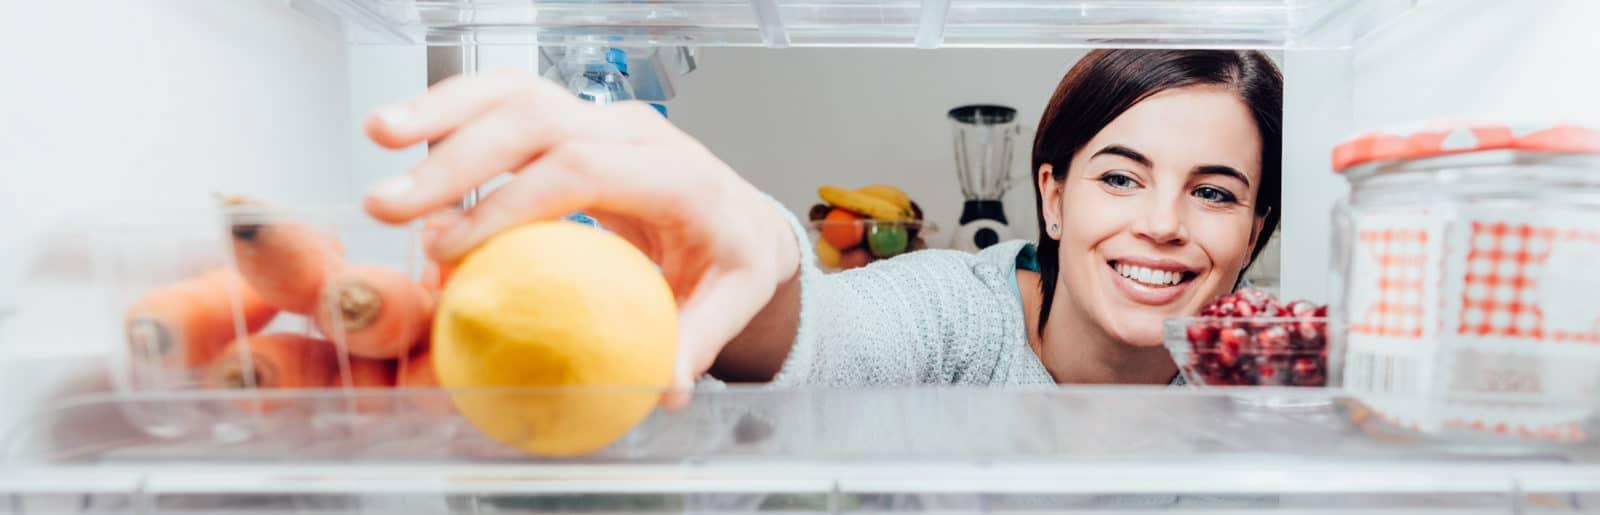 veganiza-tu-refrigerador